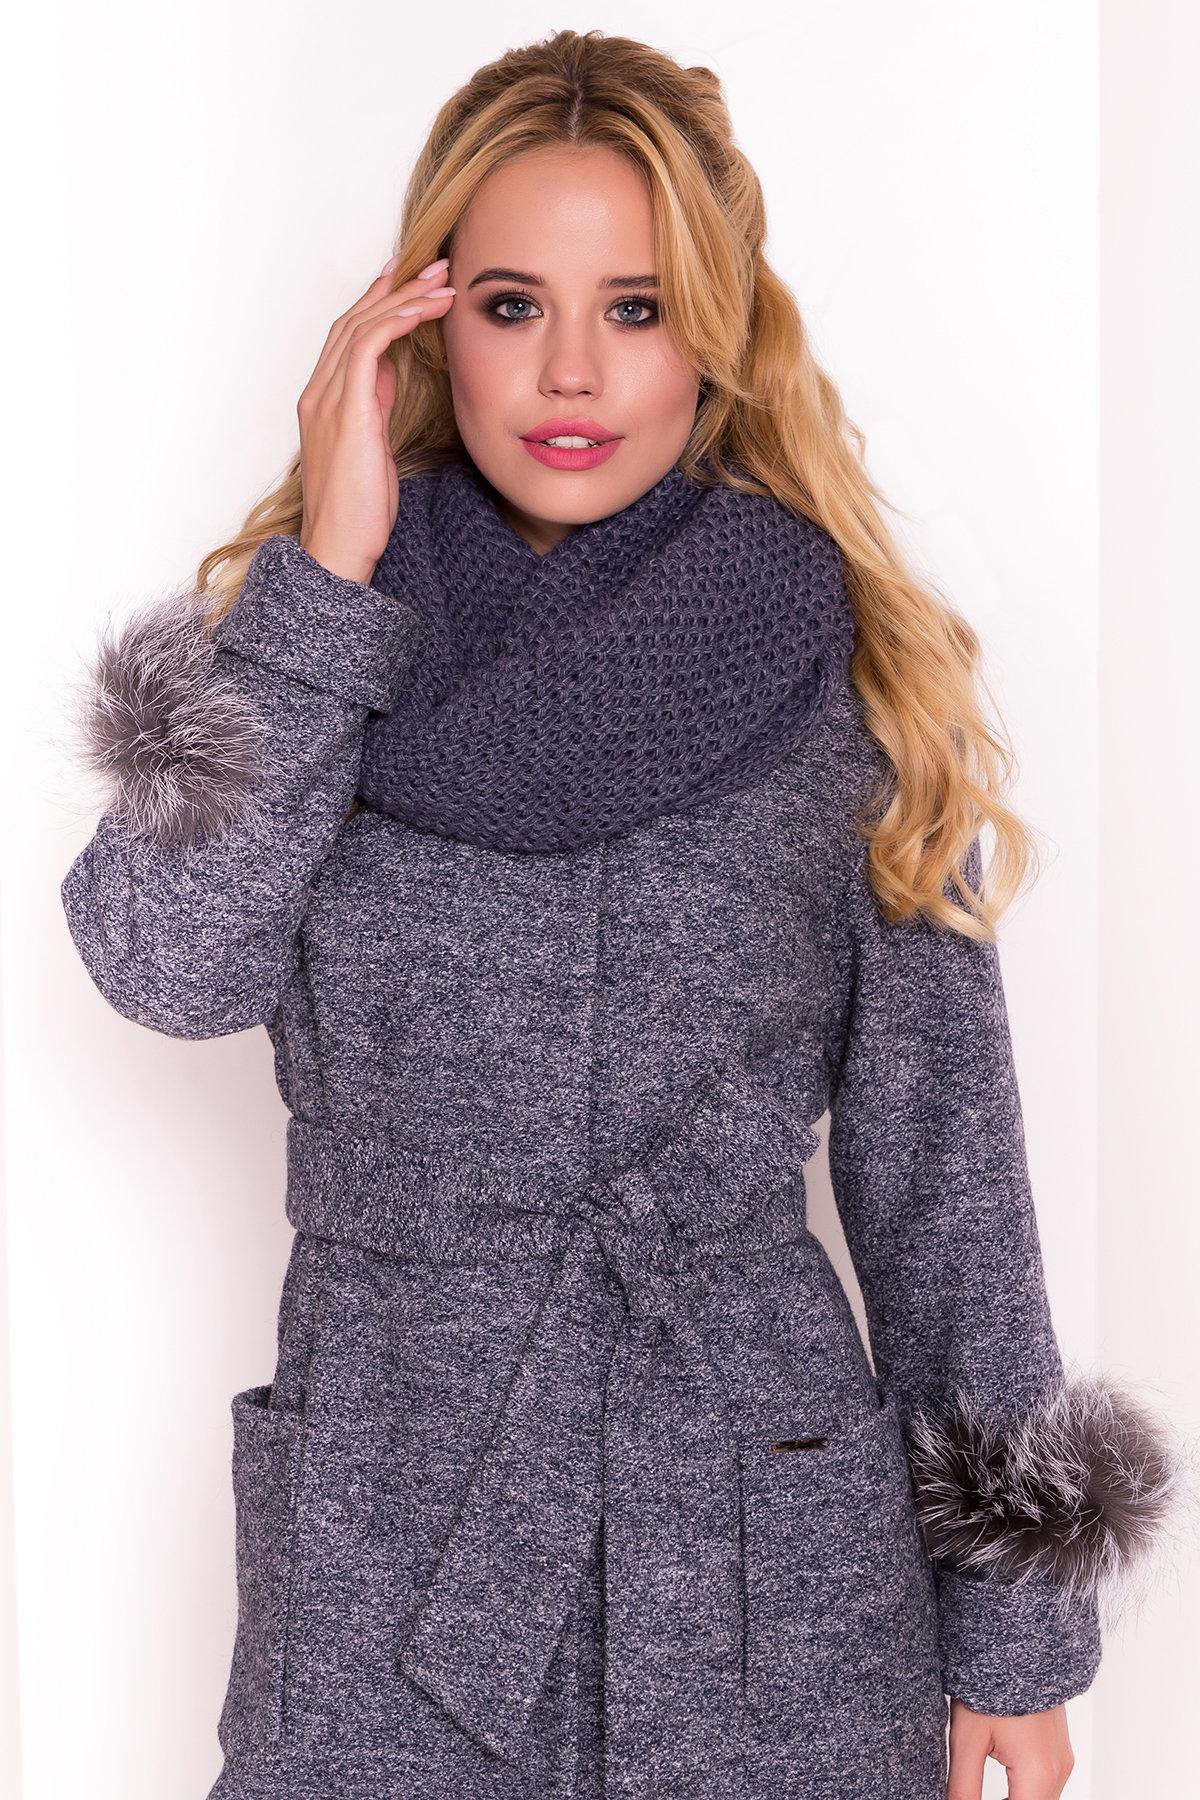 Пальто Кристина 5415 АРТ. 36566 Цвет: Серый темный LW-22 - фото 6, интернет магазин tm-modus.ru